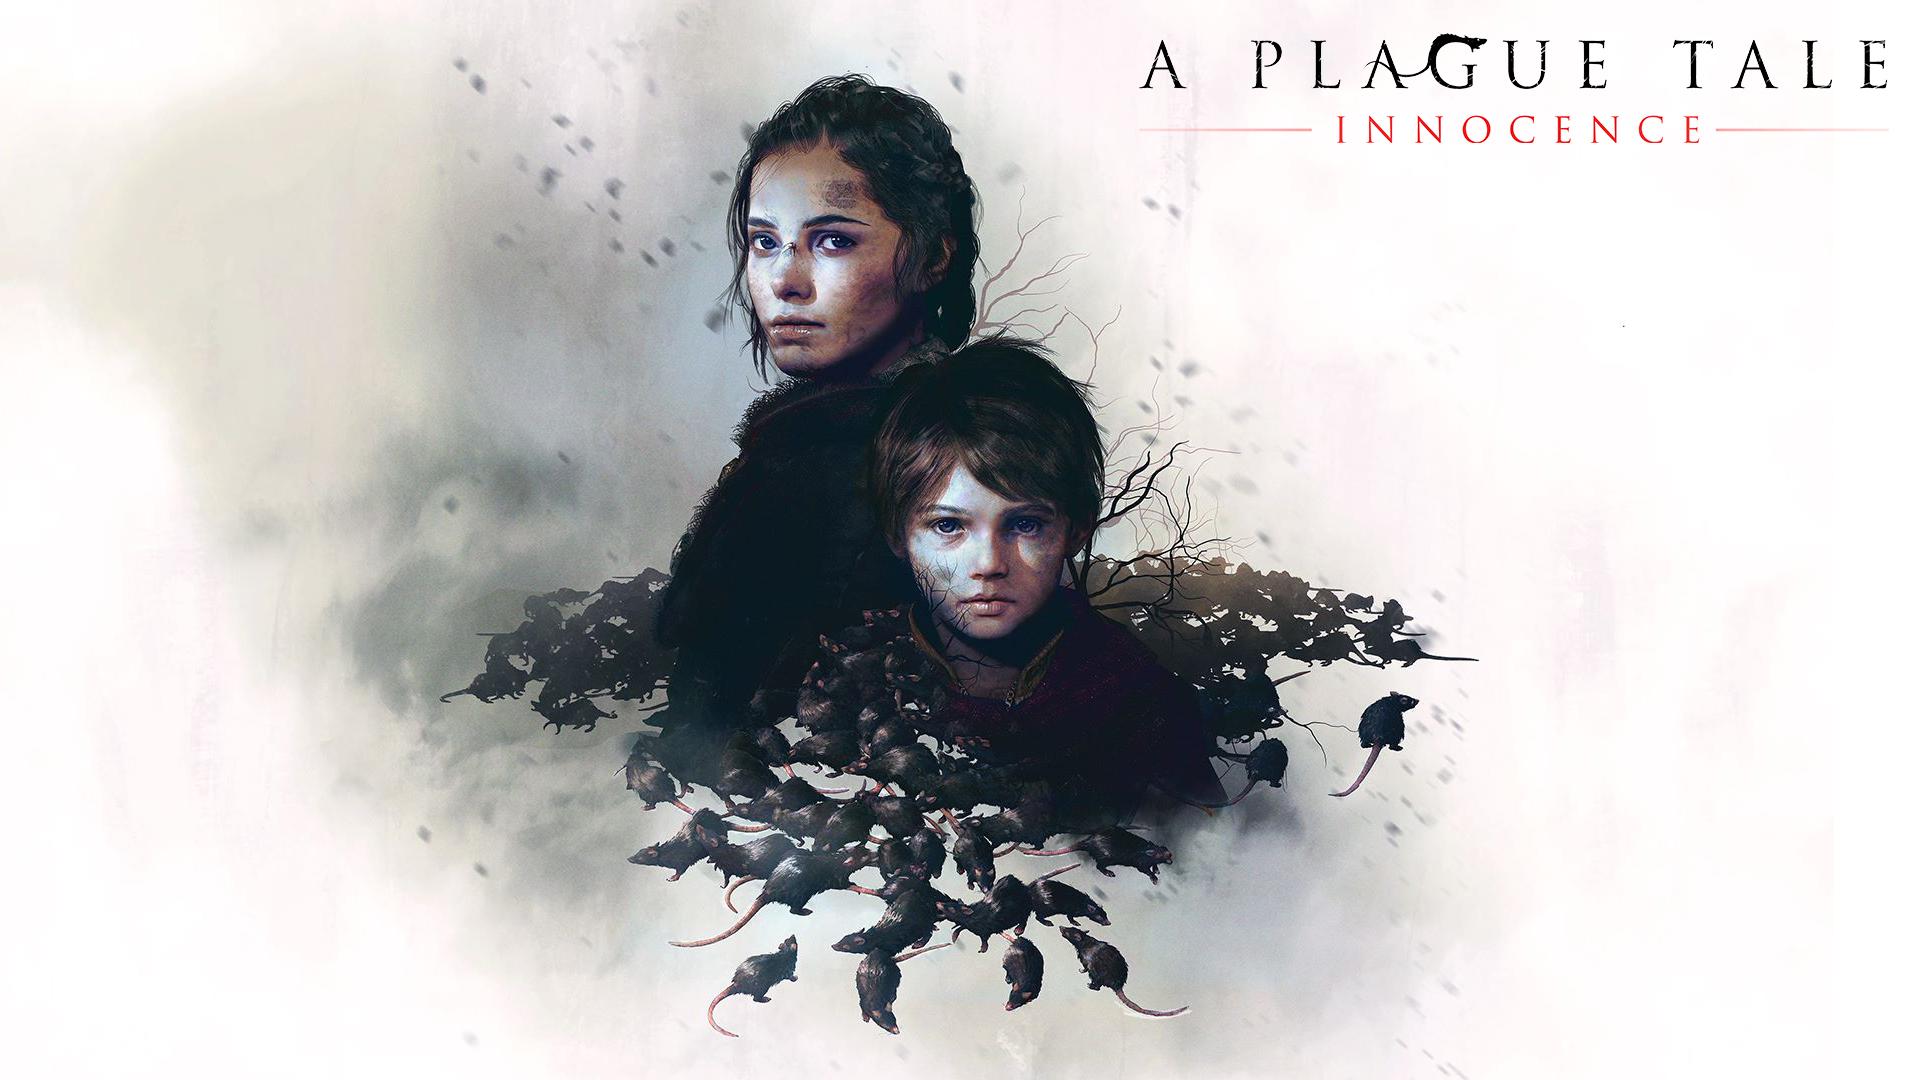 دموی محدود بازی A Plague Tale: Innocence در دسترس قرار گرفت